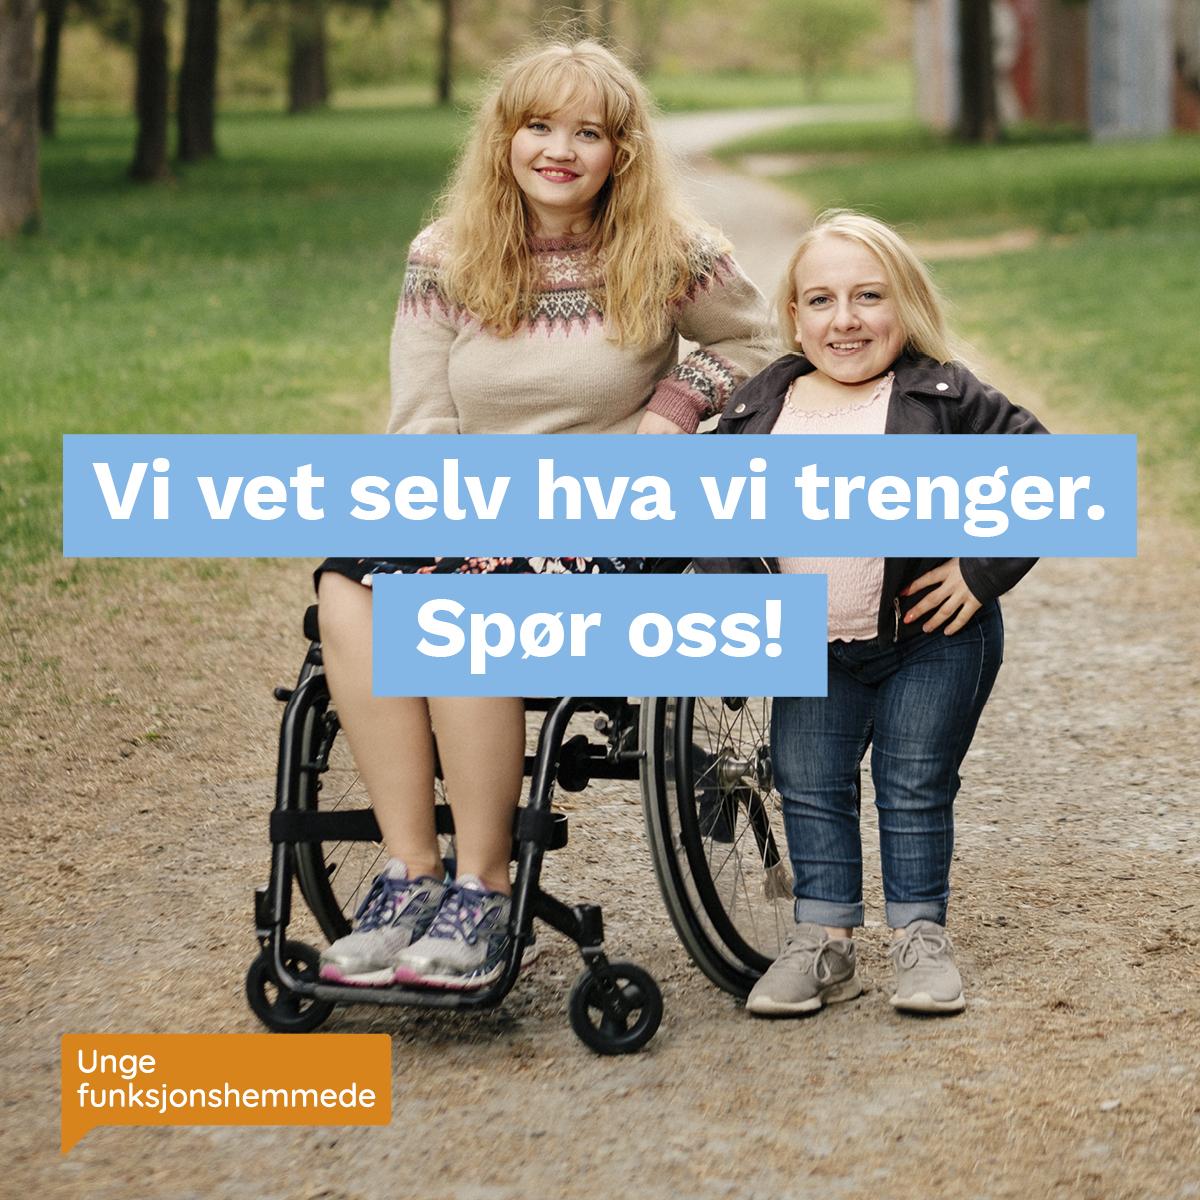 """To kvinner står på en grusvei og smiler mot kamera. Den ene er i rullestol. Midt i bildet står teksten """"Vi vet selv hva vi trenger. Spør oss!"""". I hjørnet synes Unge funksjonshemmedes logo."""